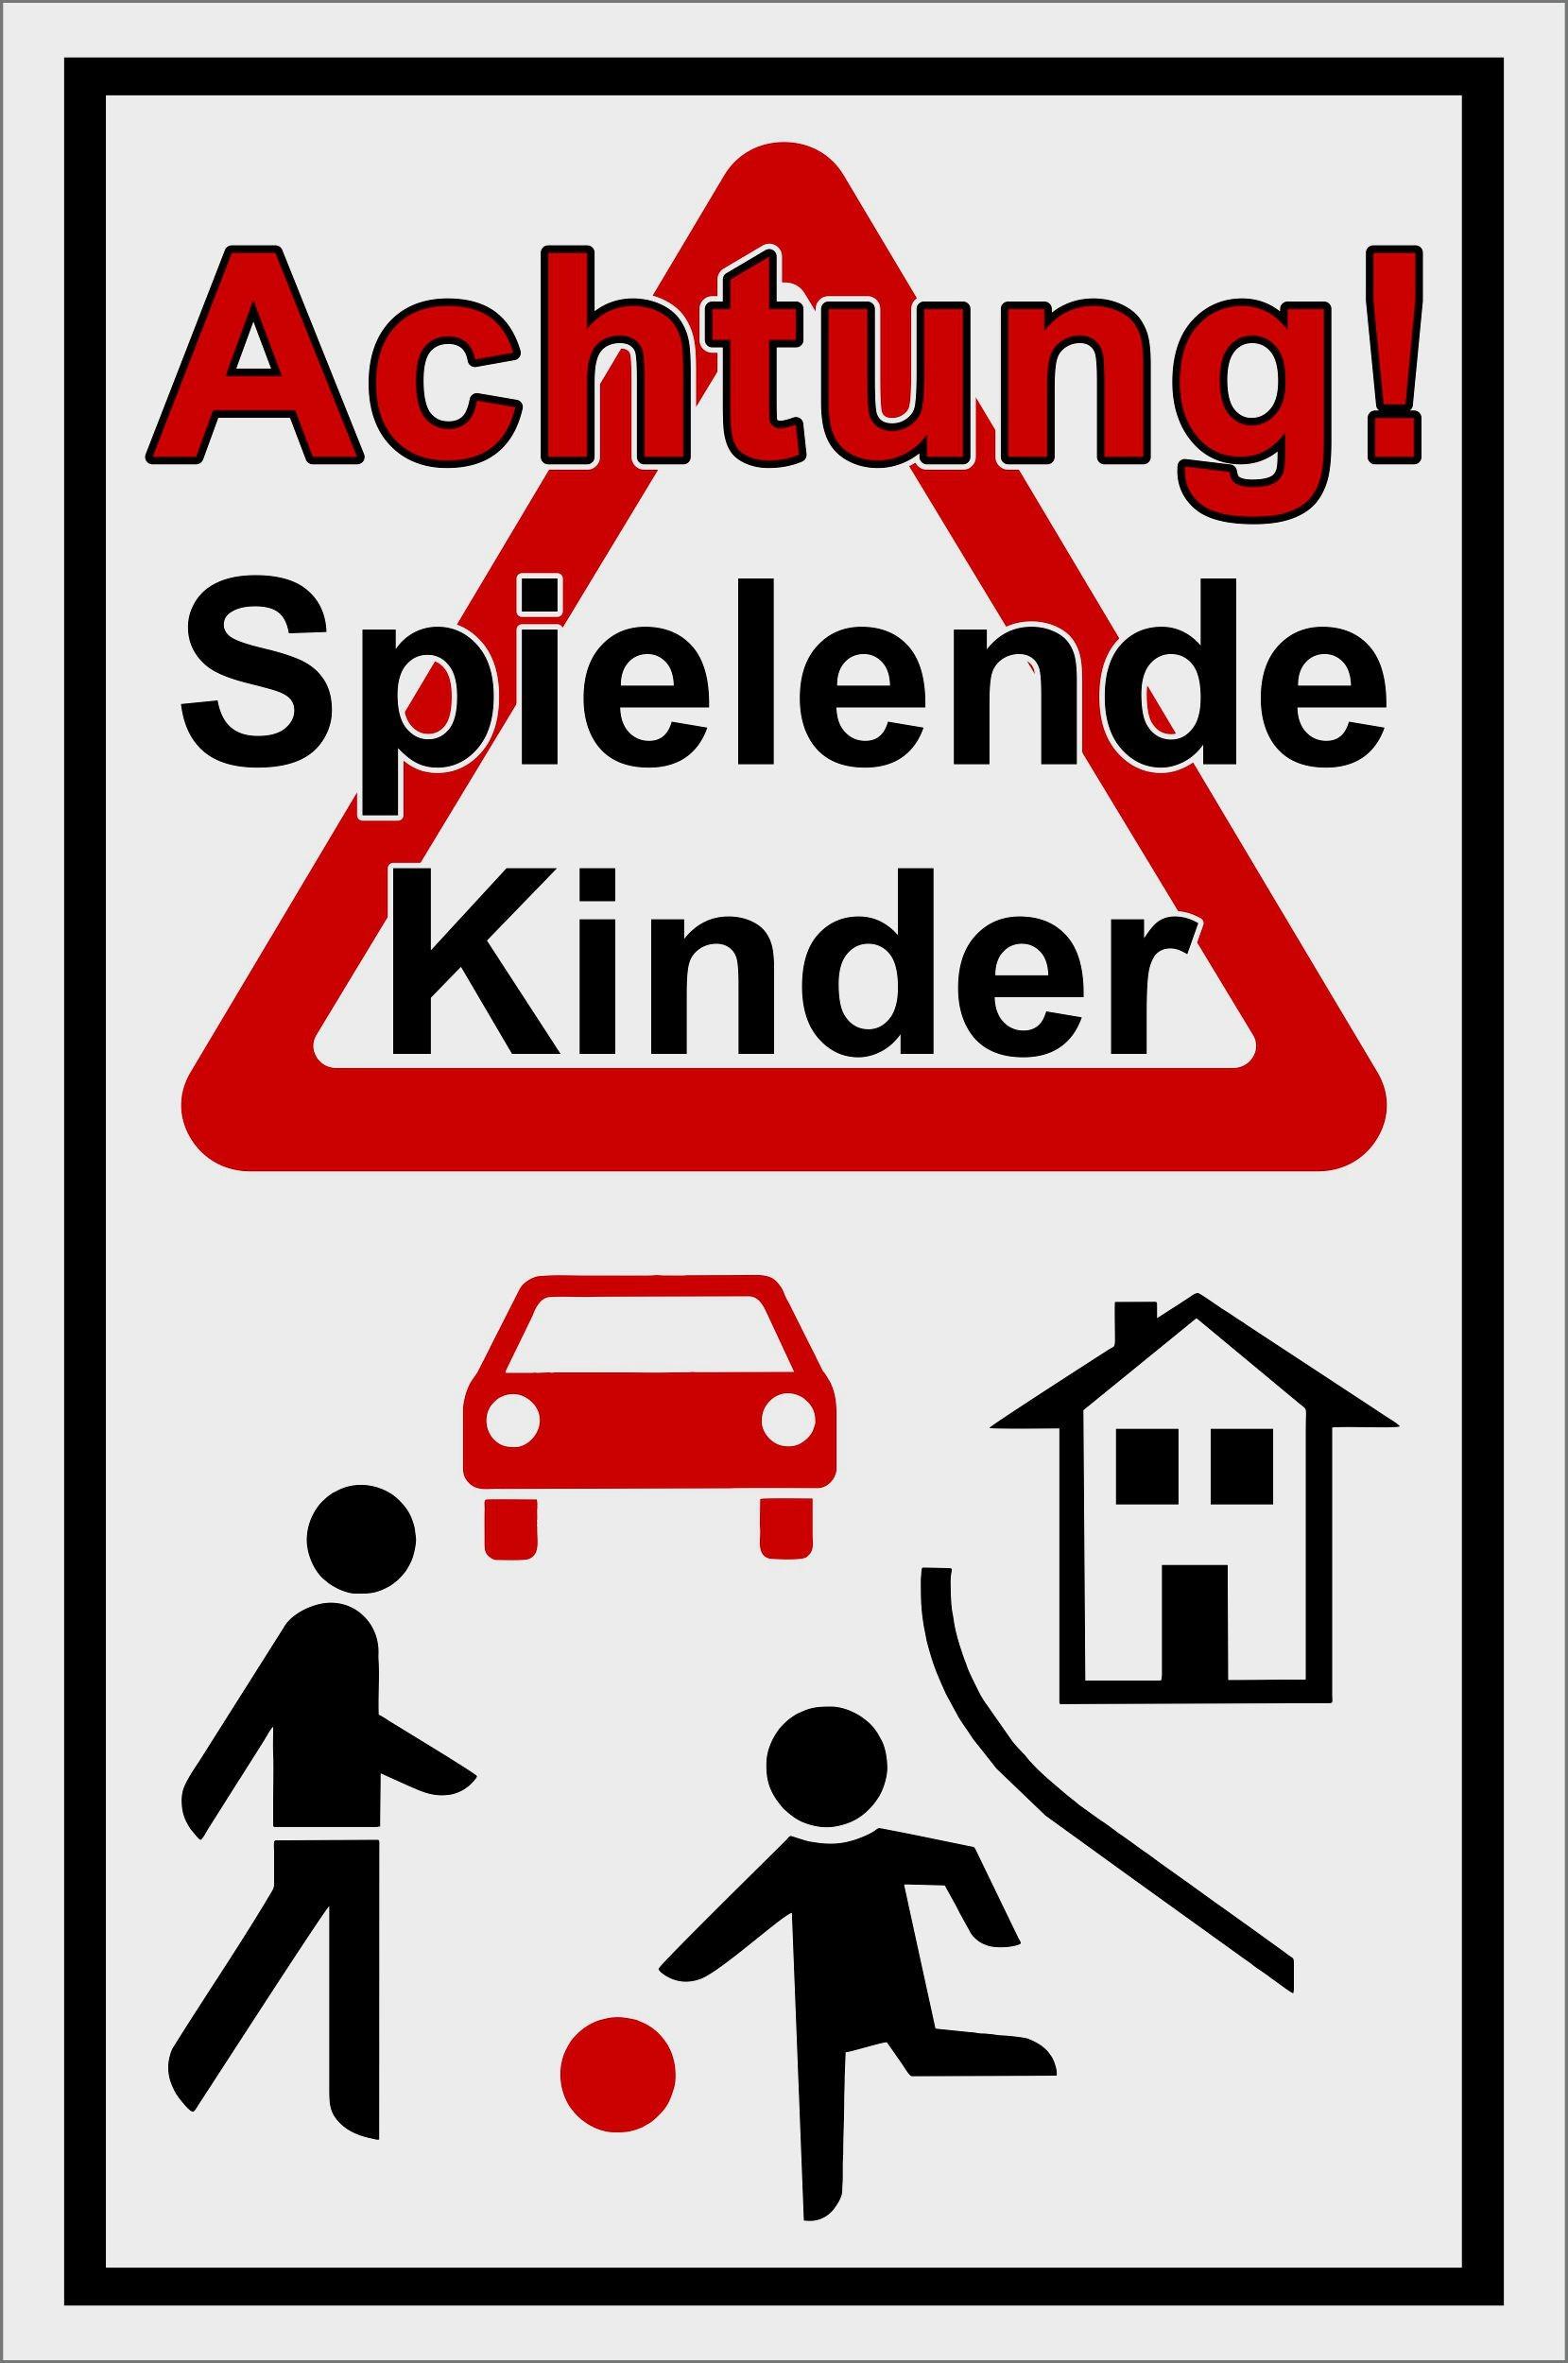 Achtung Spielende Kinder! 300 x 200 mm Warn- Hinweis- und Verbotsschild PST-Kunststoff – Bild 1